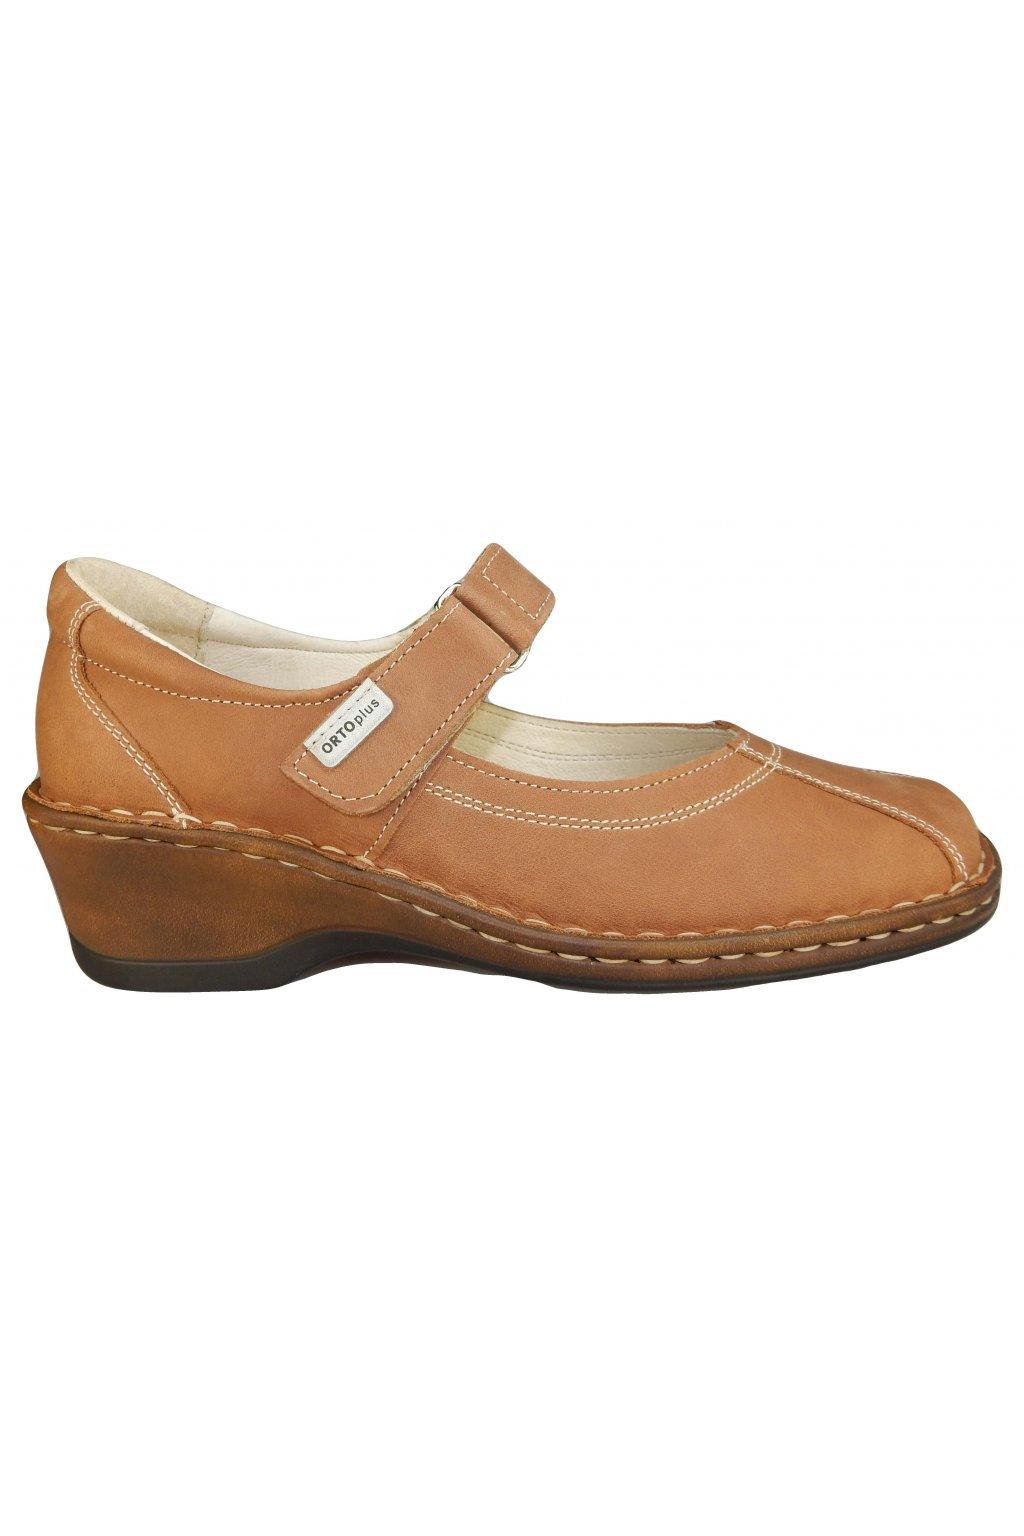 Dámská vycházková obuv na klínu ORTO PLUS 1506